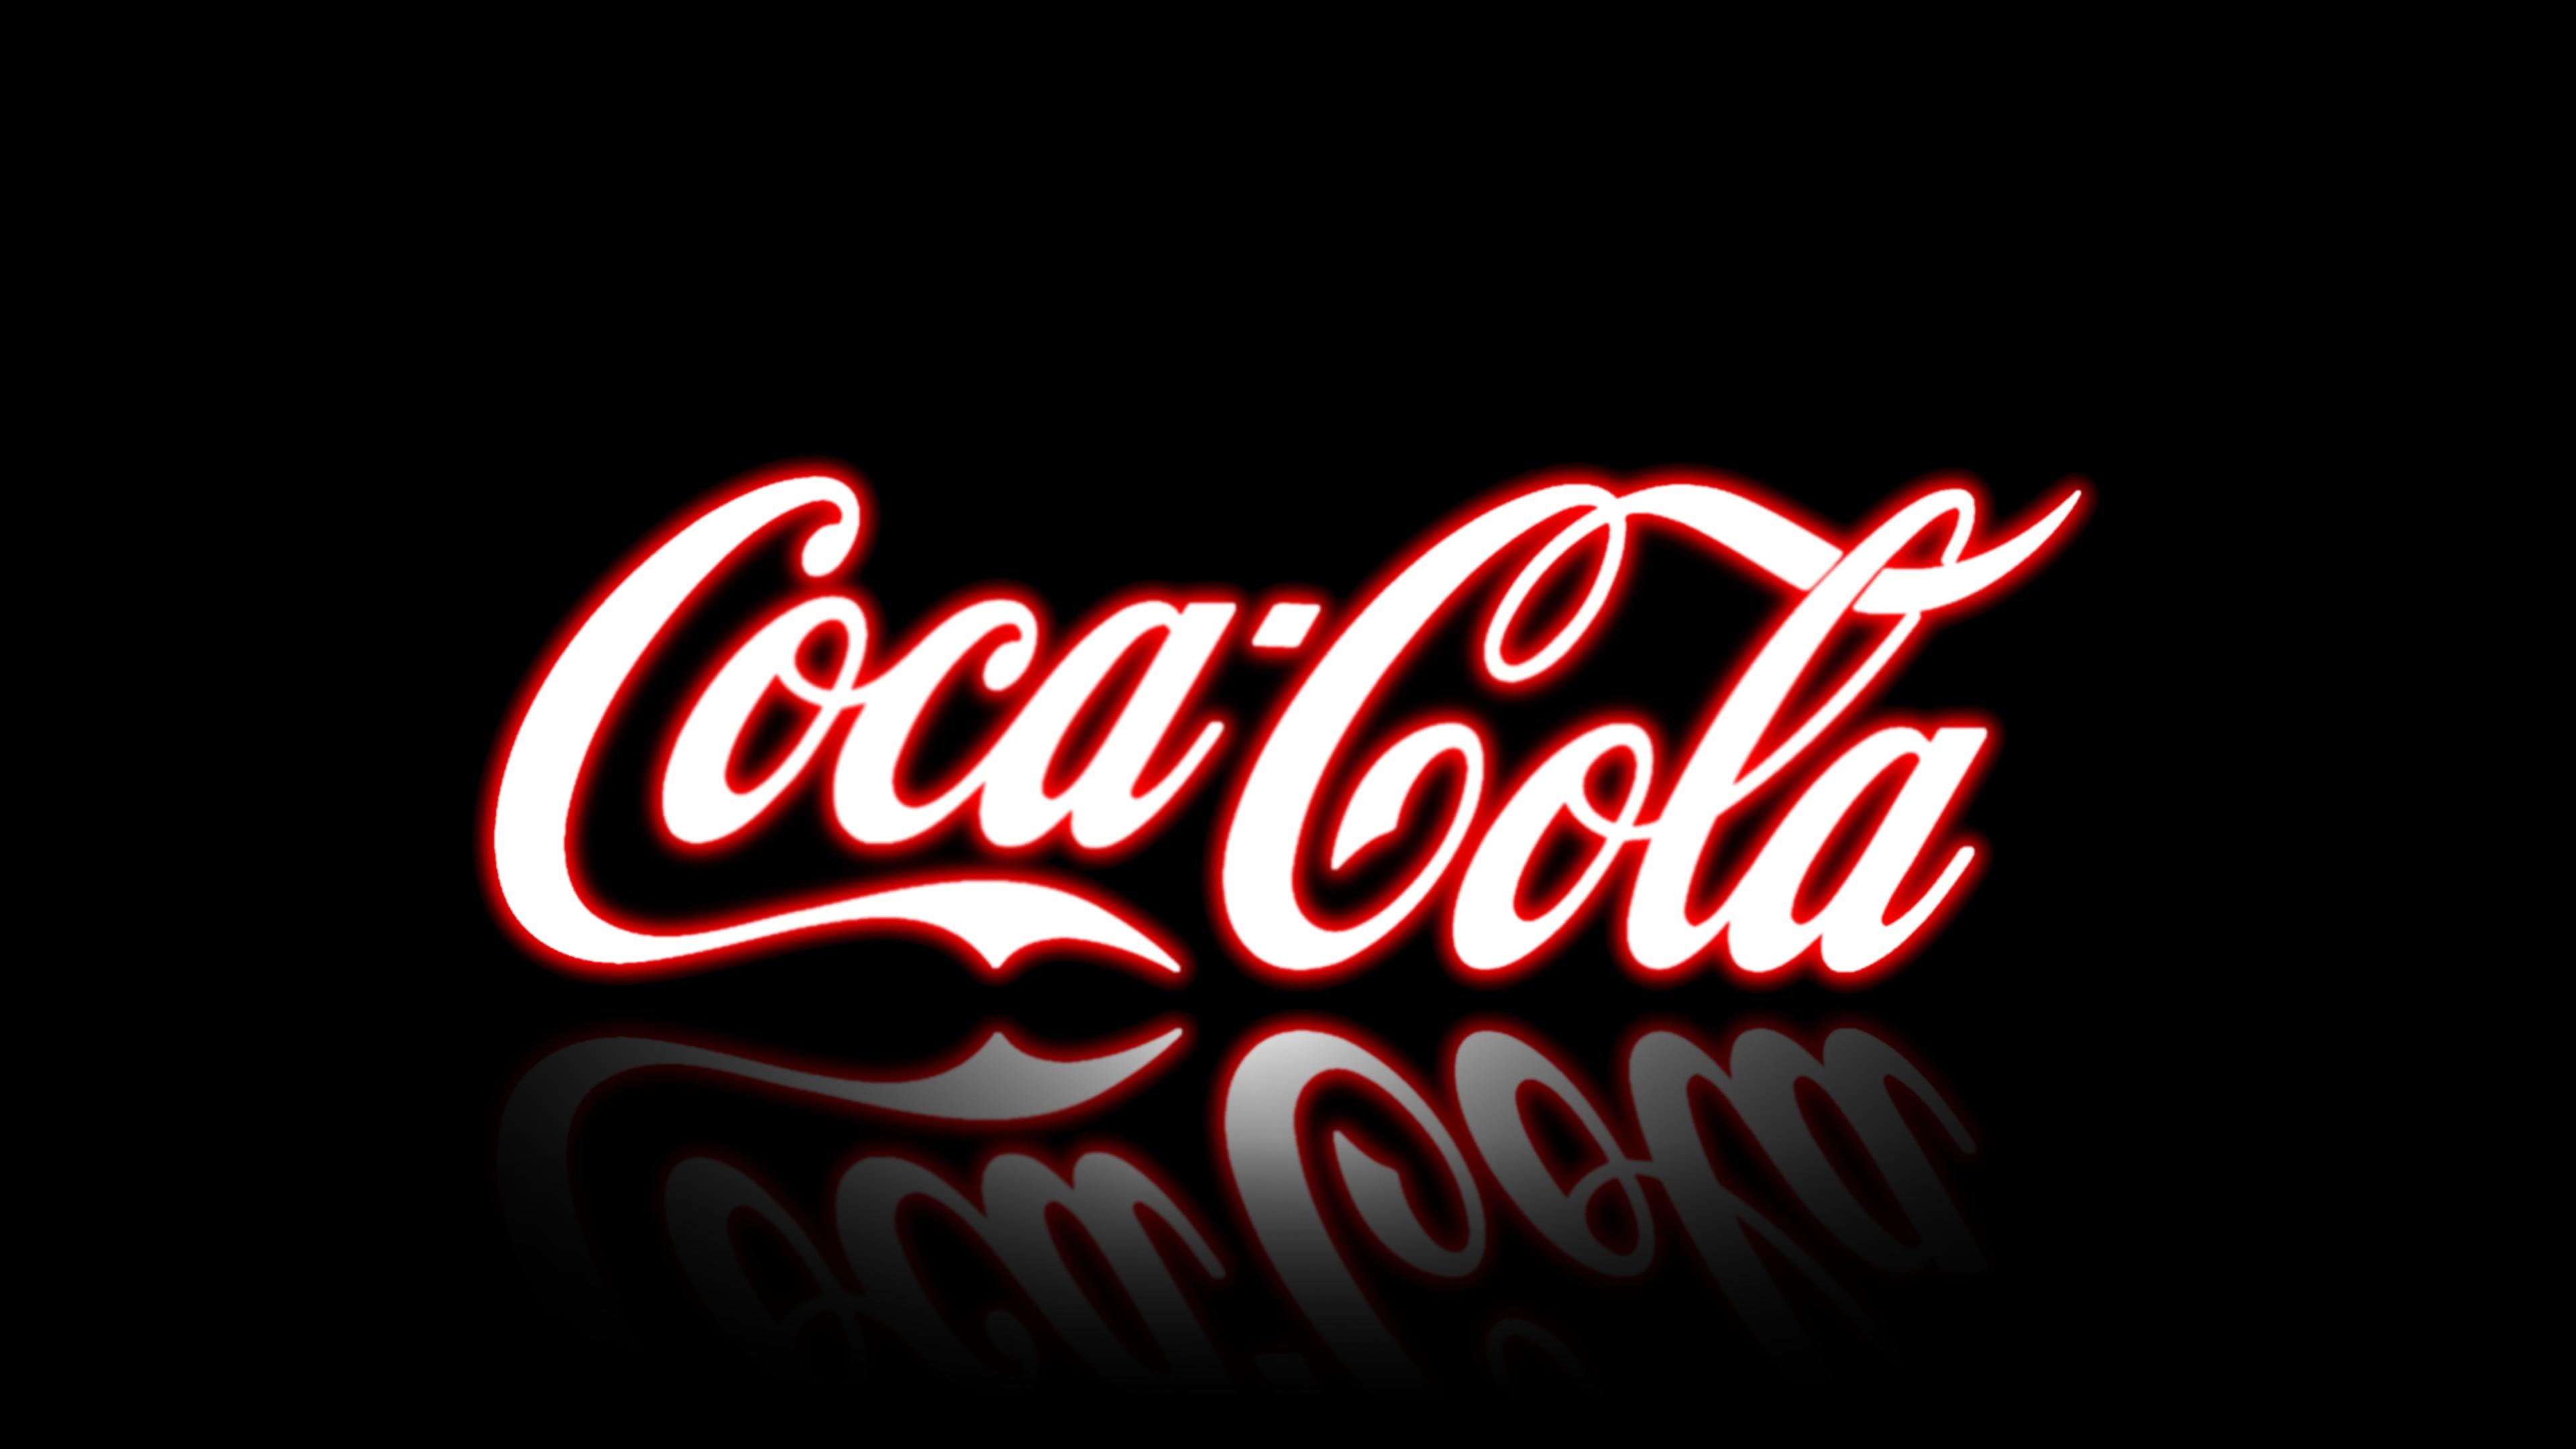 Res: 3840x2160, Coca Cola Wallpaper